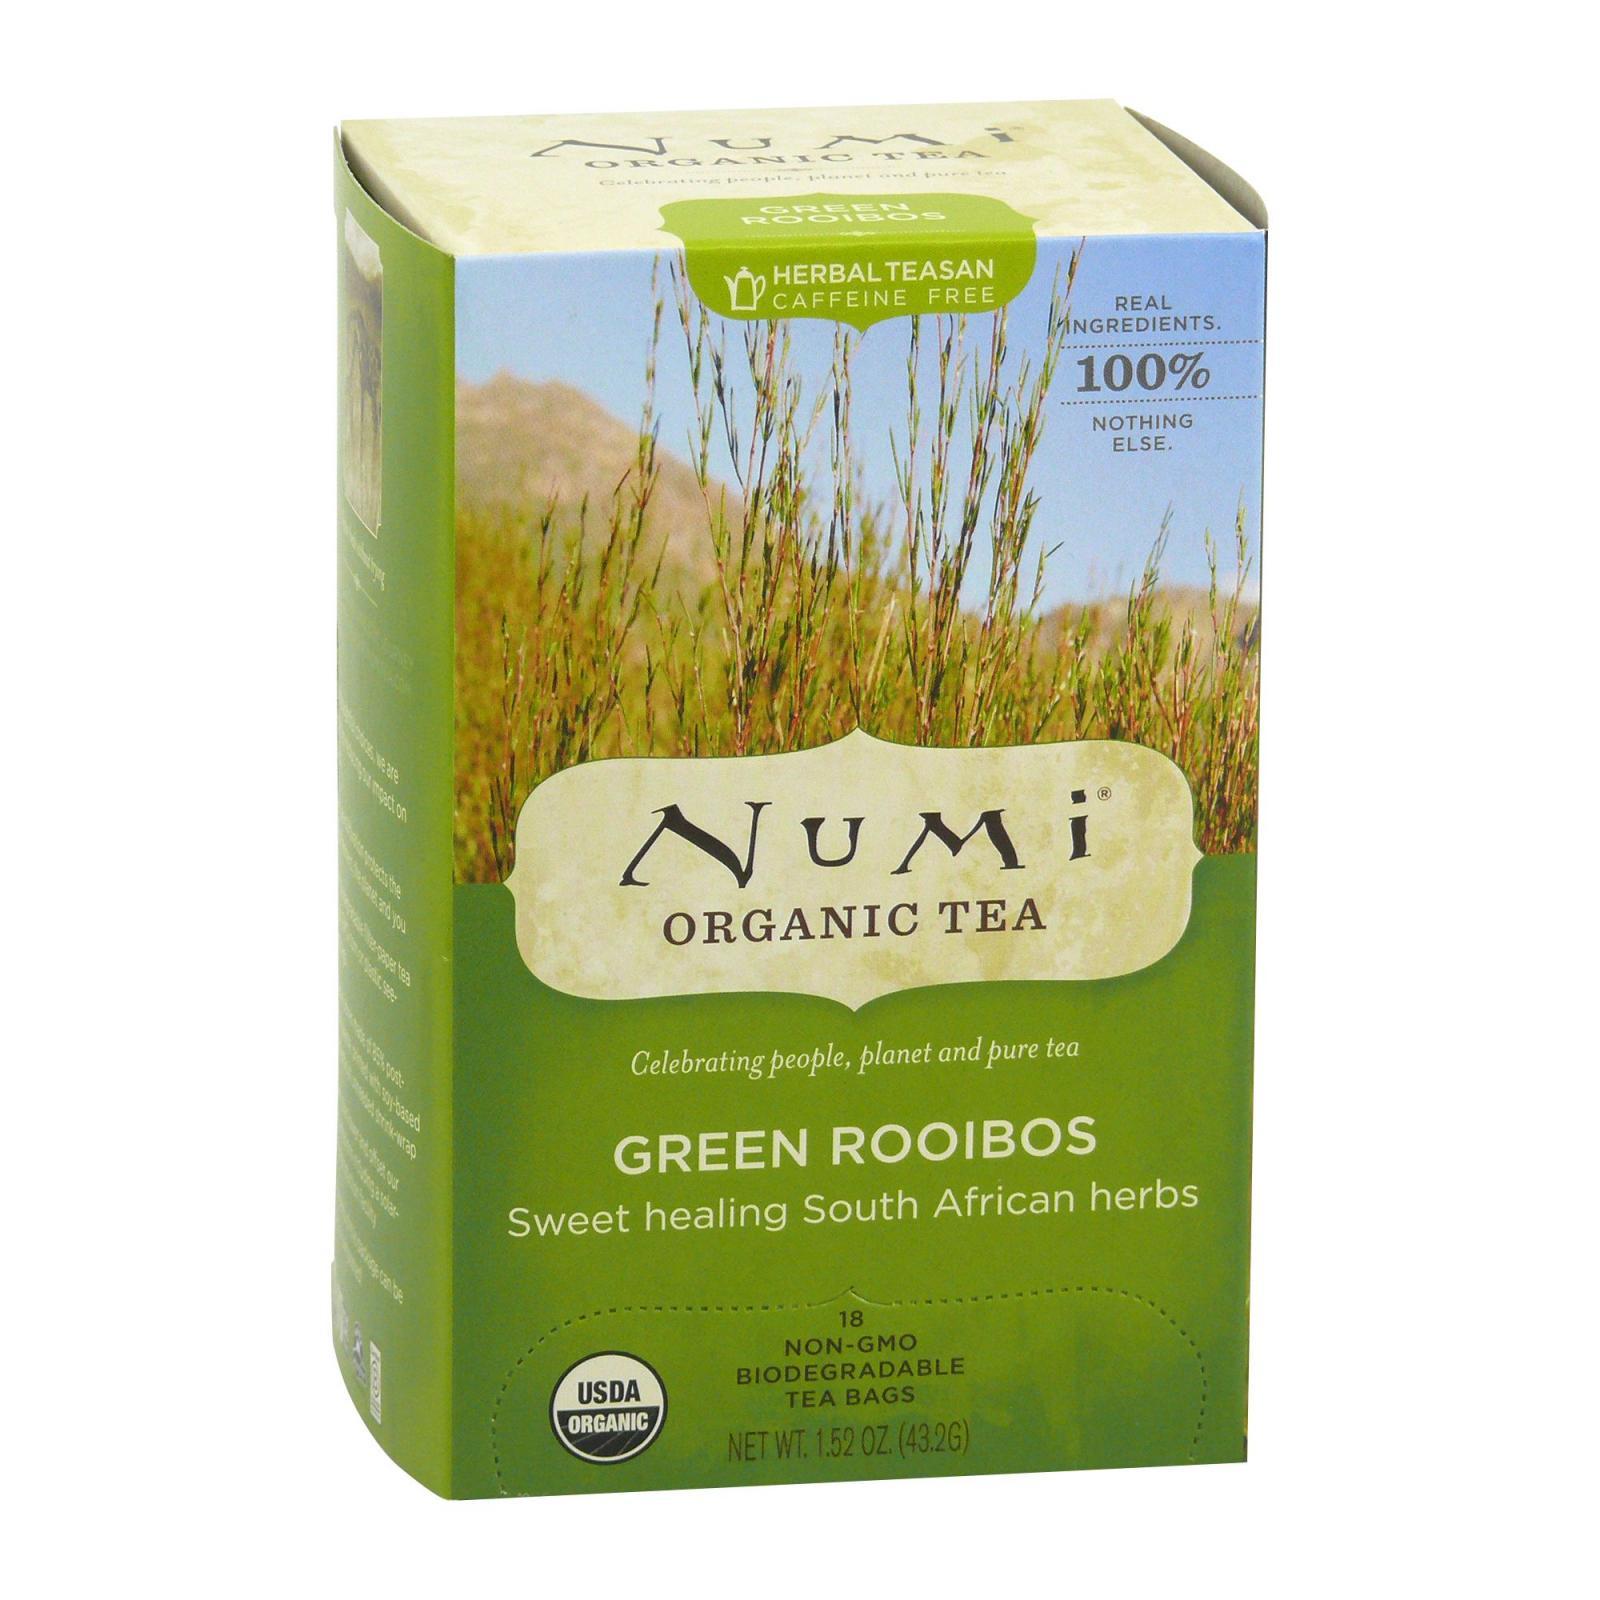 Numi Bylinný čaj Green Rooibos 18 ks, 43,2 g